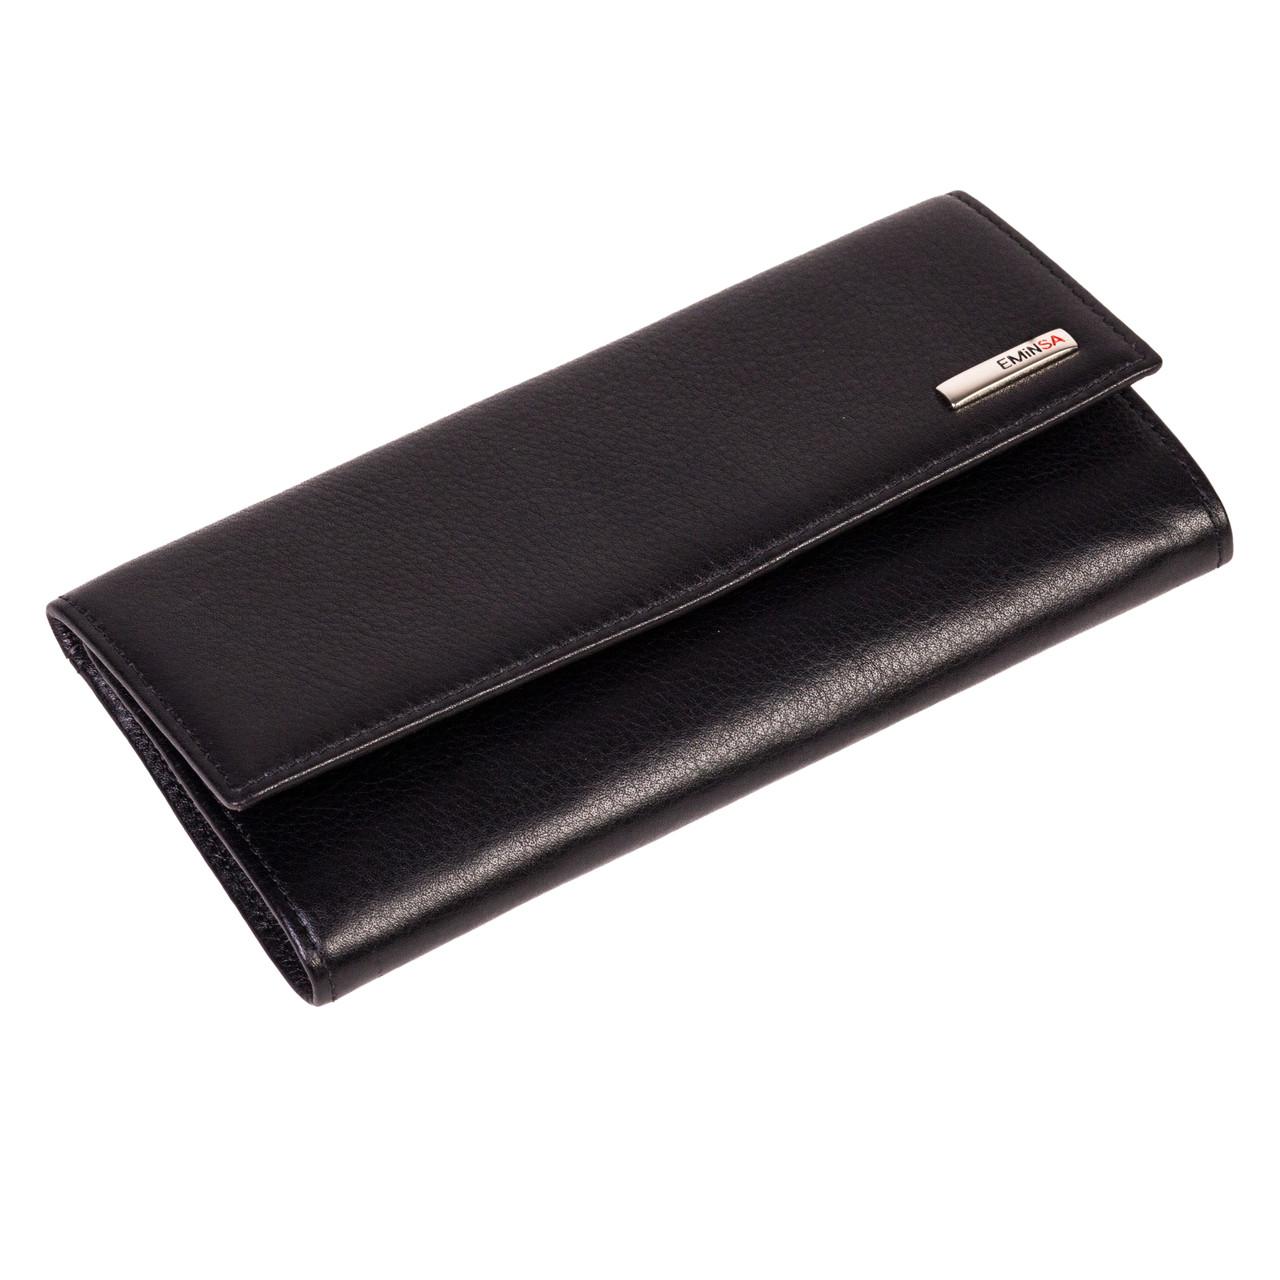 Женский кошелек Eminsa 2060-12-1 кожаный черный